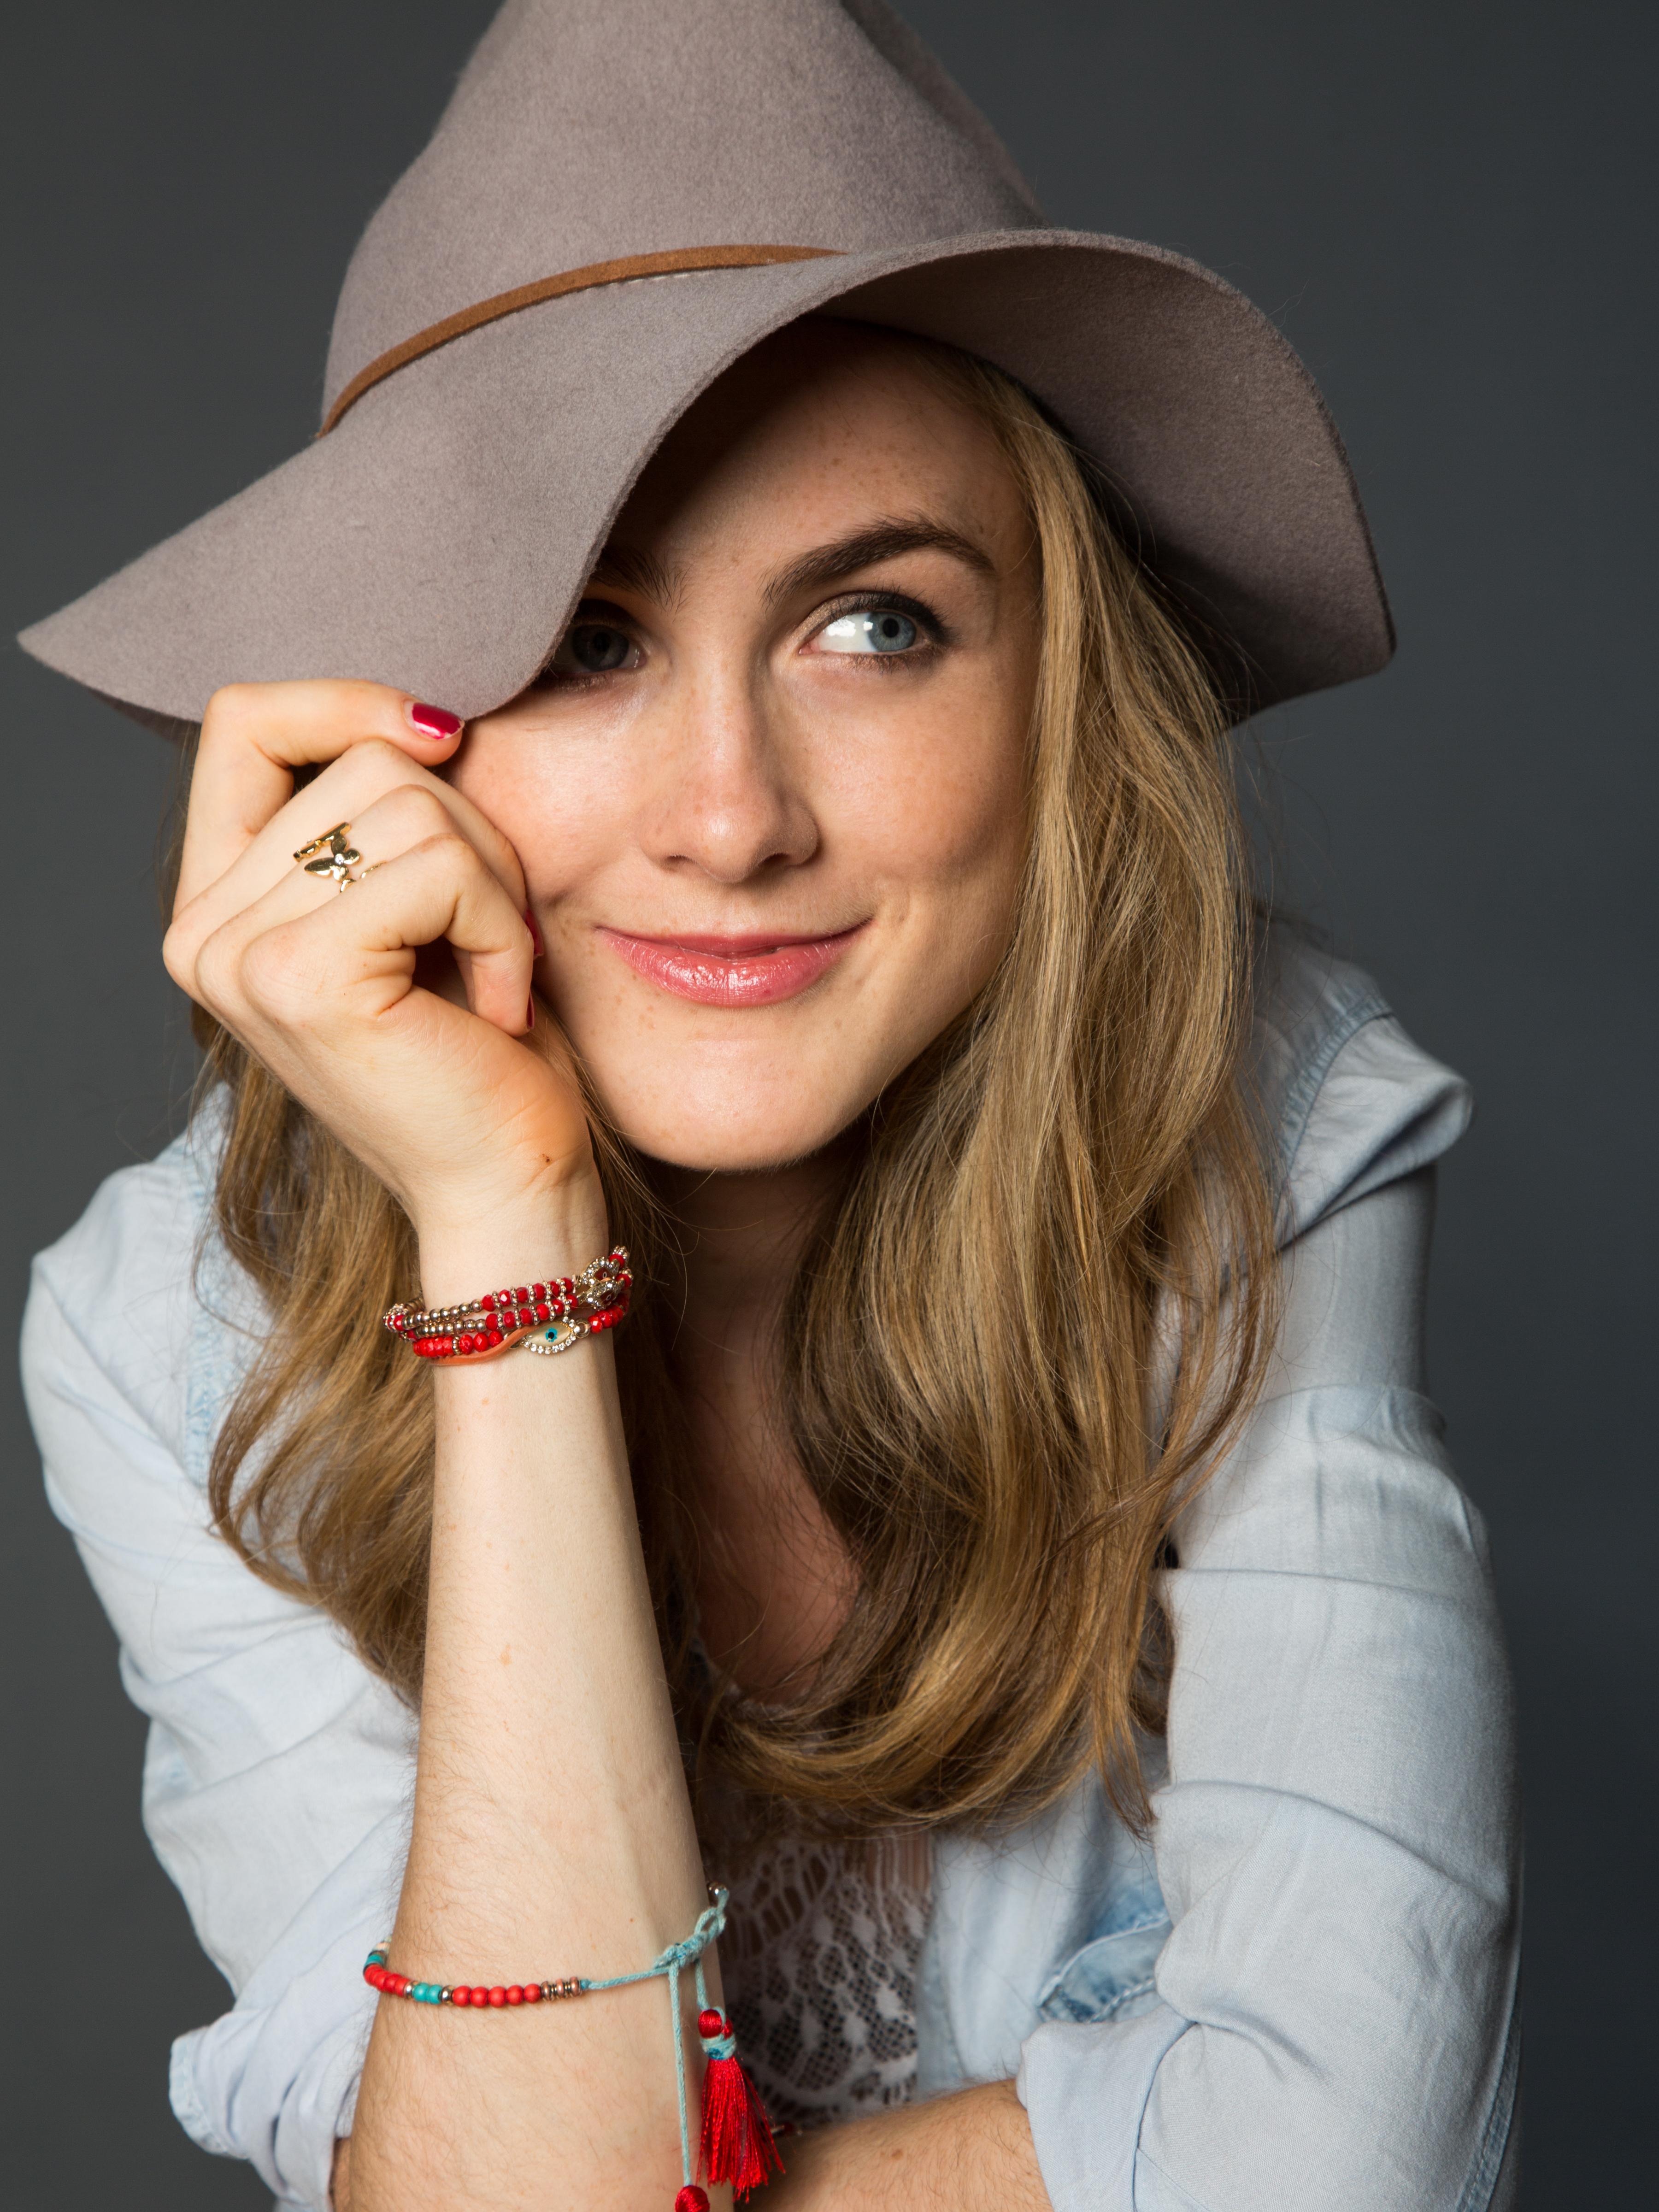 Emma Holzer